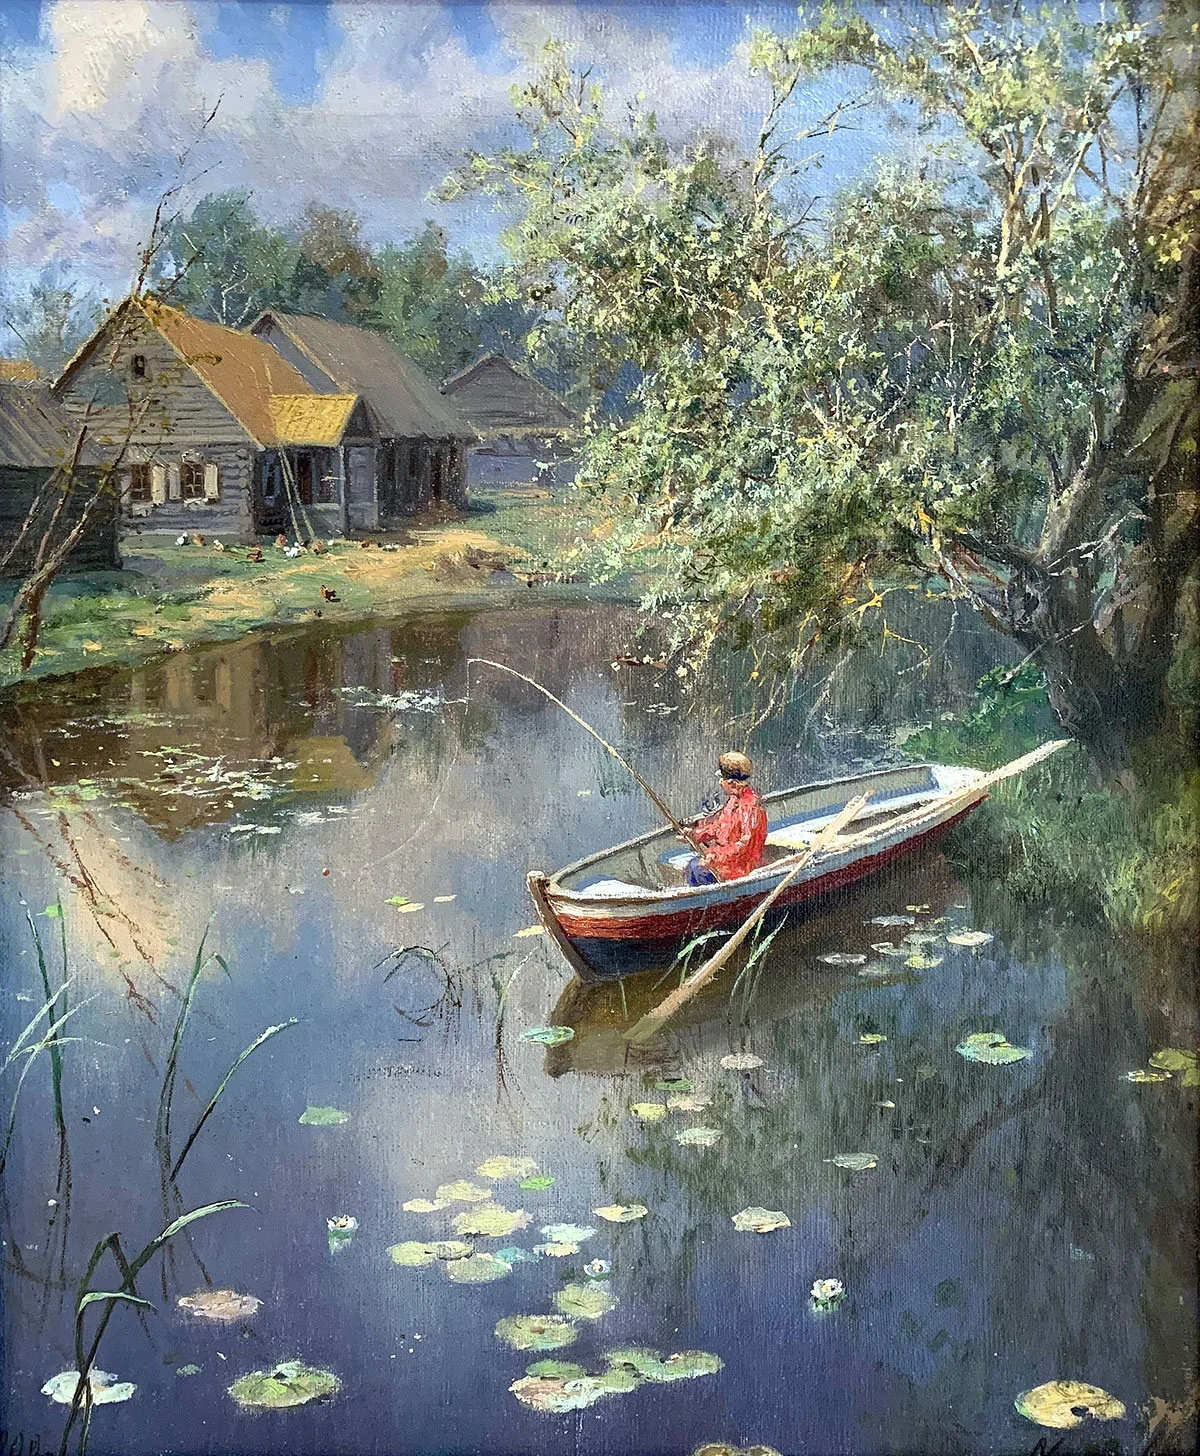 Алекса́ндр Алекса́ндрович Киселёв (1838—1911) — русский живописец-пейзажист, активный участник Товарищества передвижных художественных выставок, академик и действительный член Императорской академии художеств.